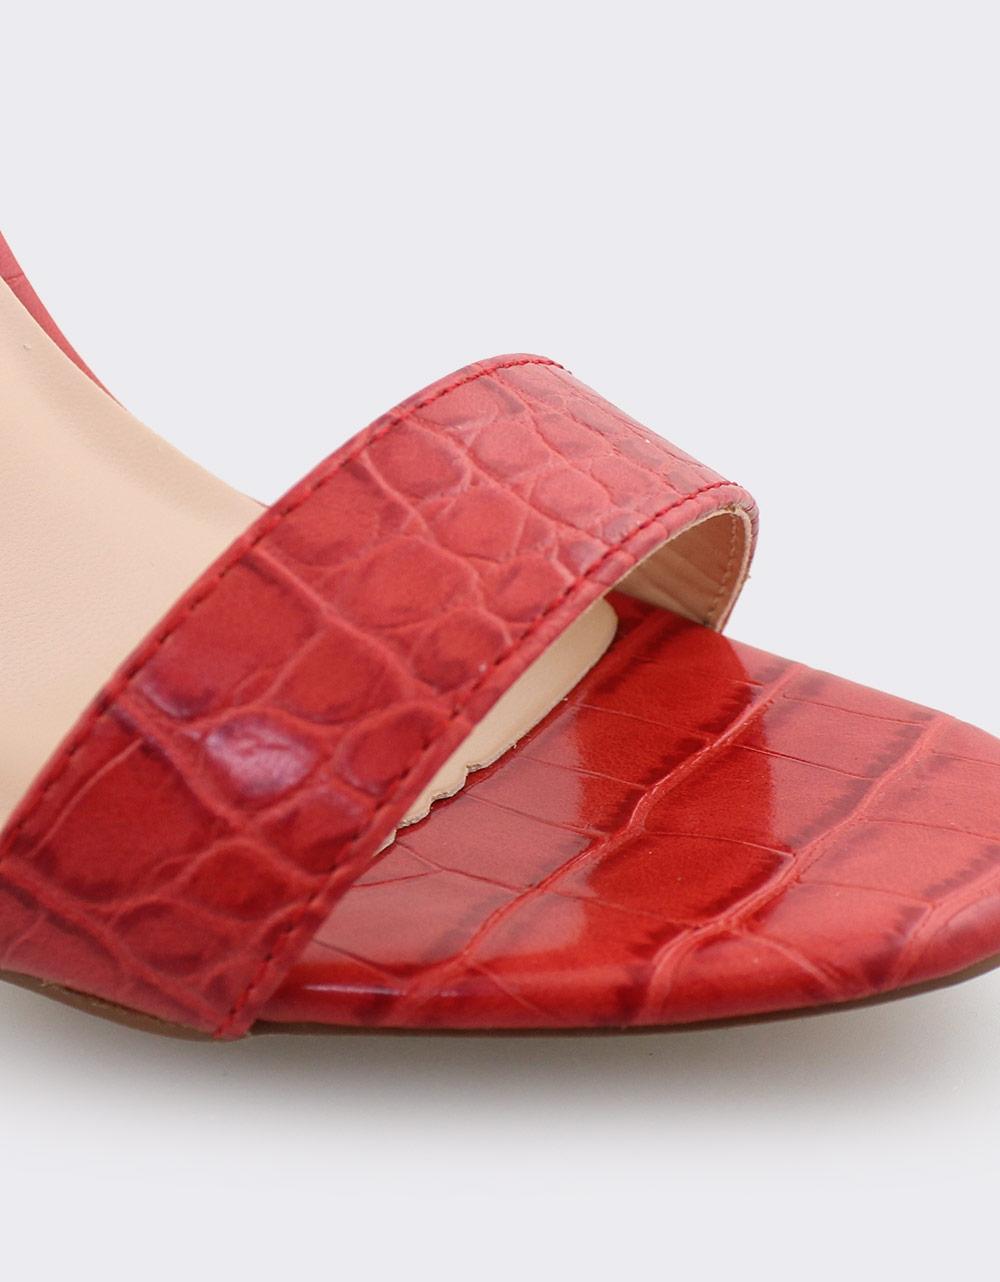 Εικόνα από Γυναικεία πέδιλα με κροκό μοτίβο Κόκκινο